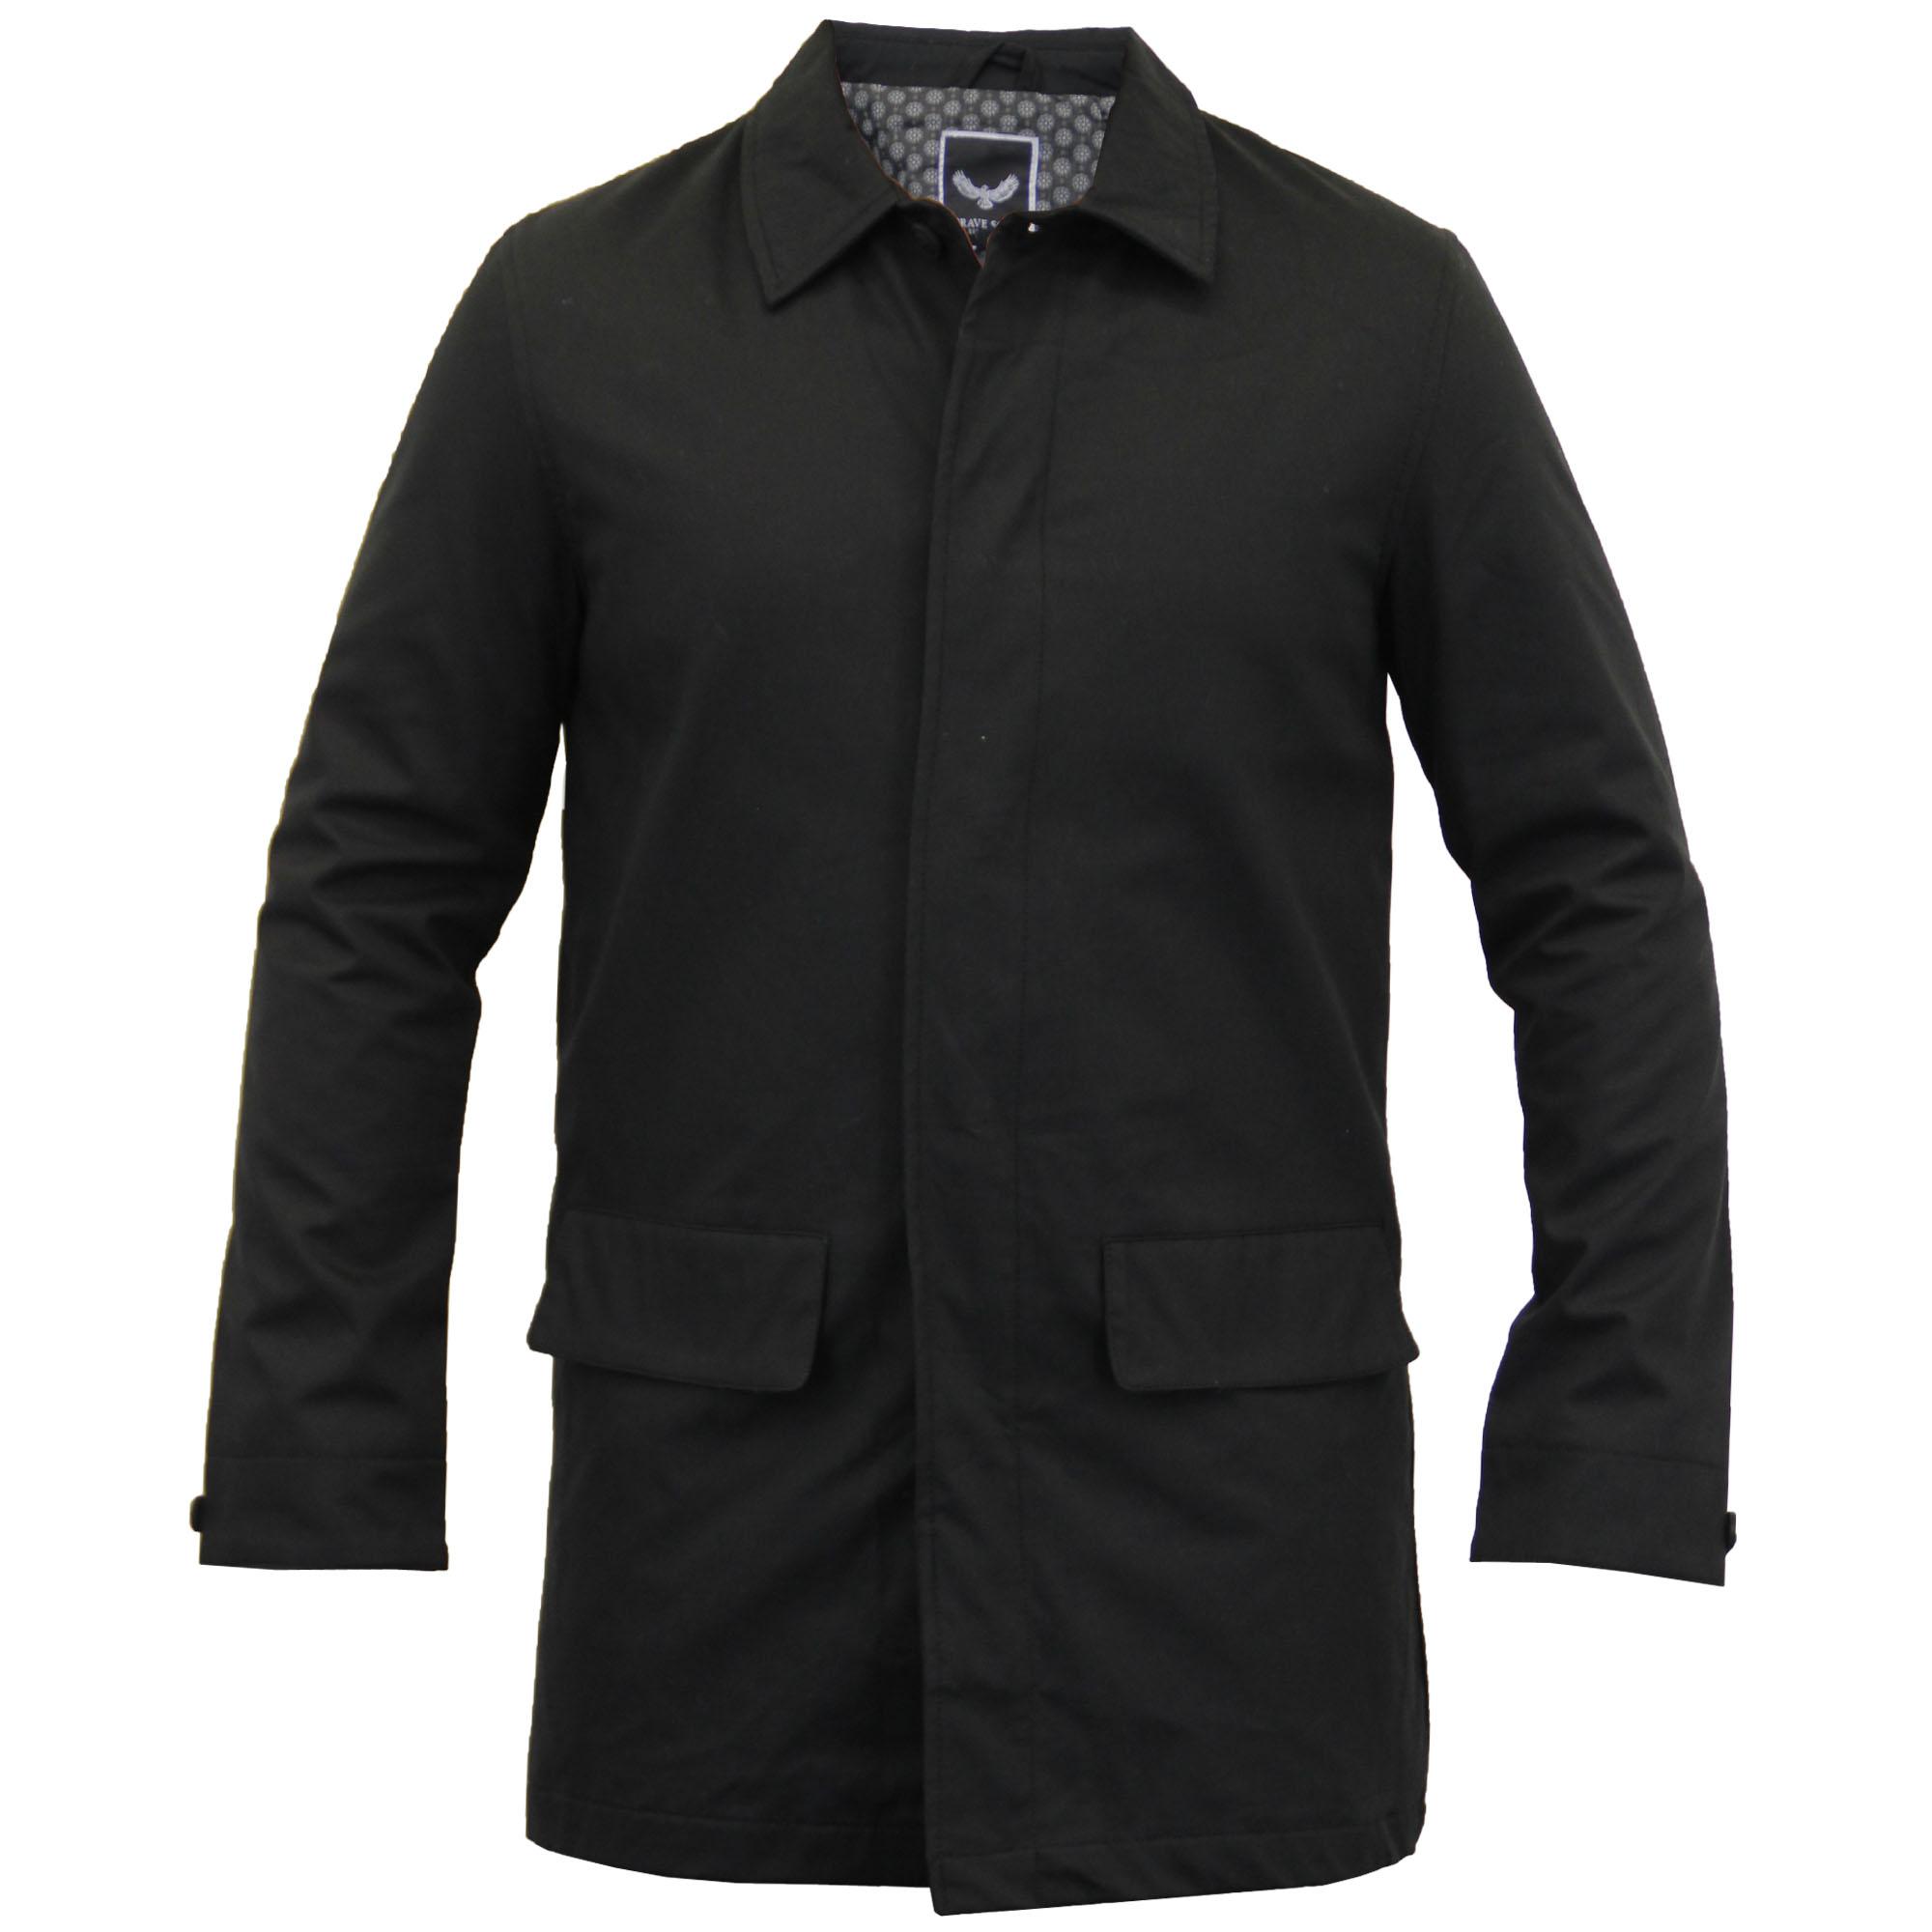 veste pour hommes brave soul manteau long mec trench coton chic d contract. Black Bedroom Furniture Sets. Home Design Ideas